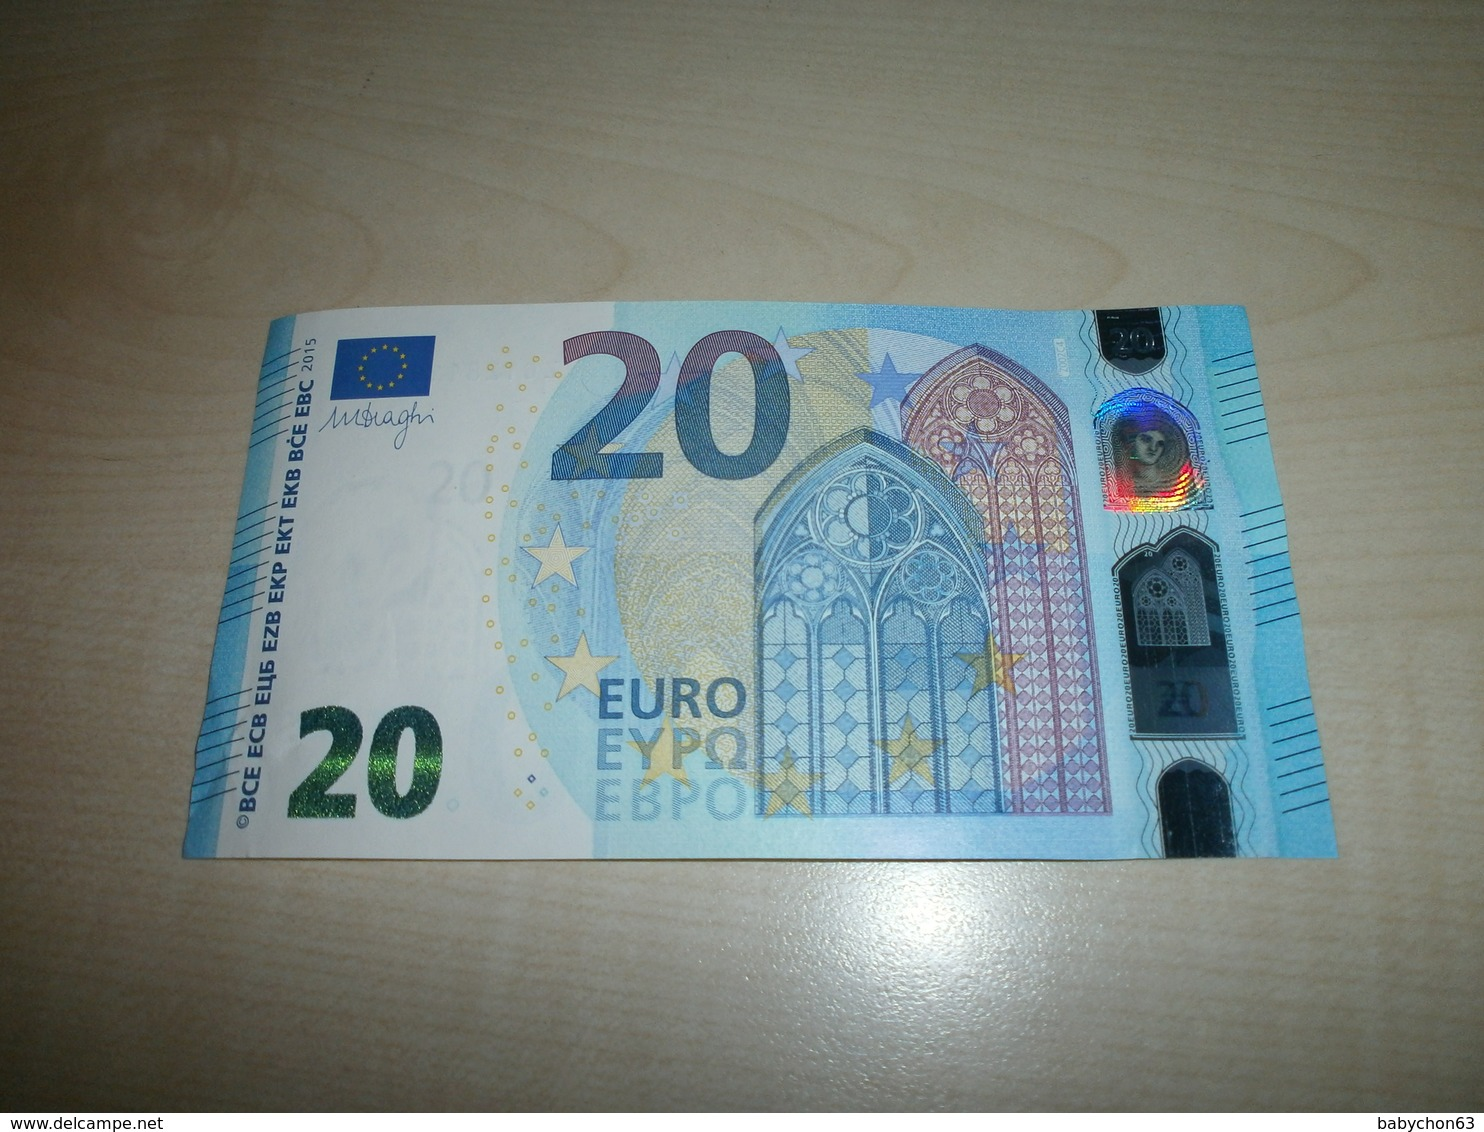 20 EUROS (Z Z002 C4) - EURO